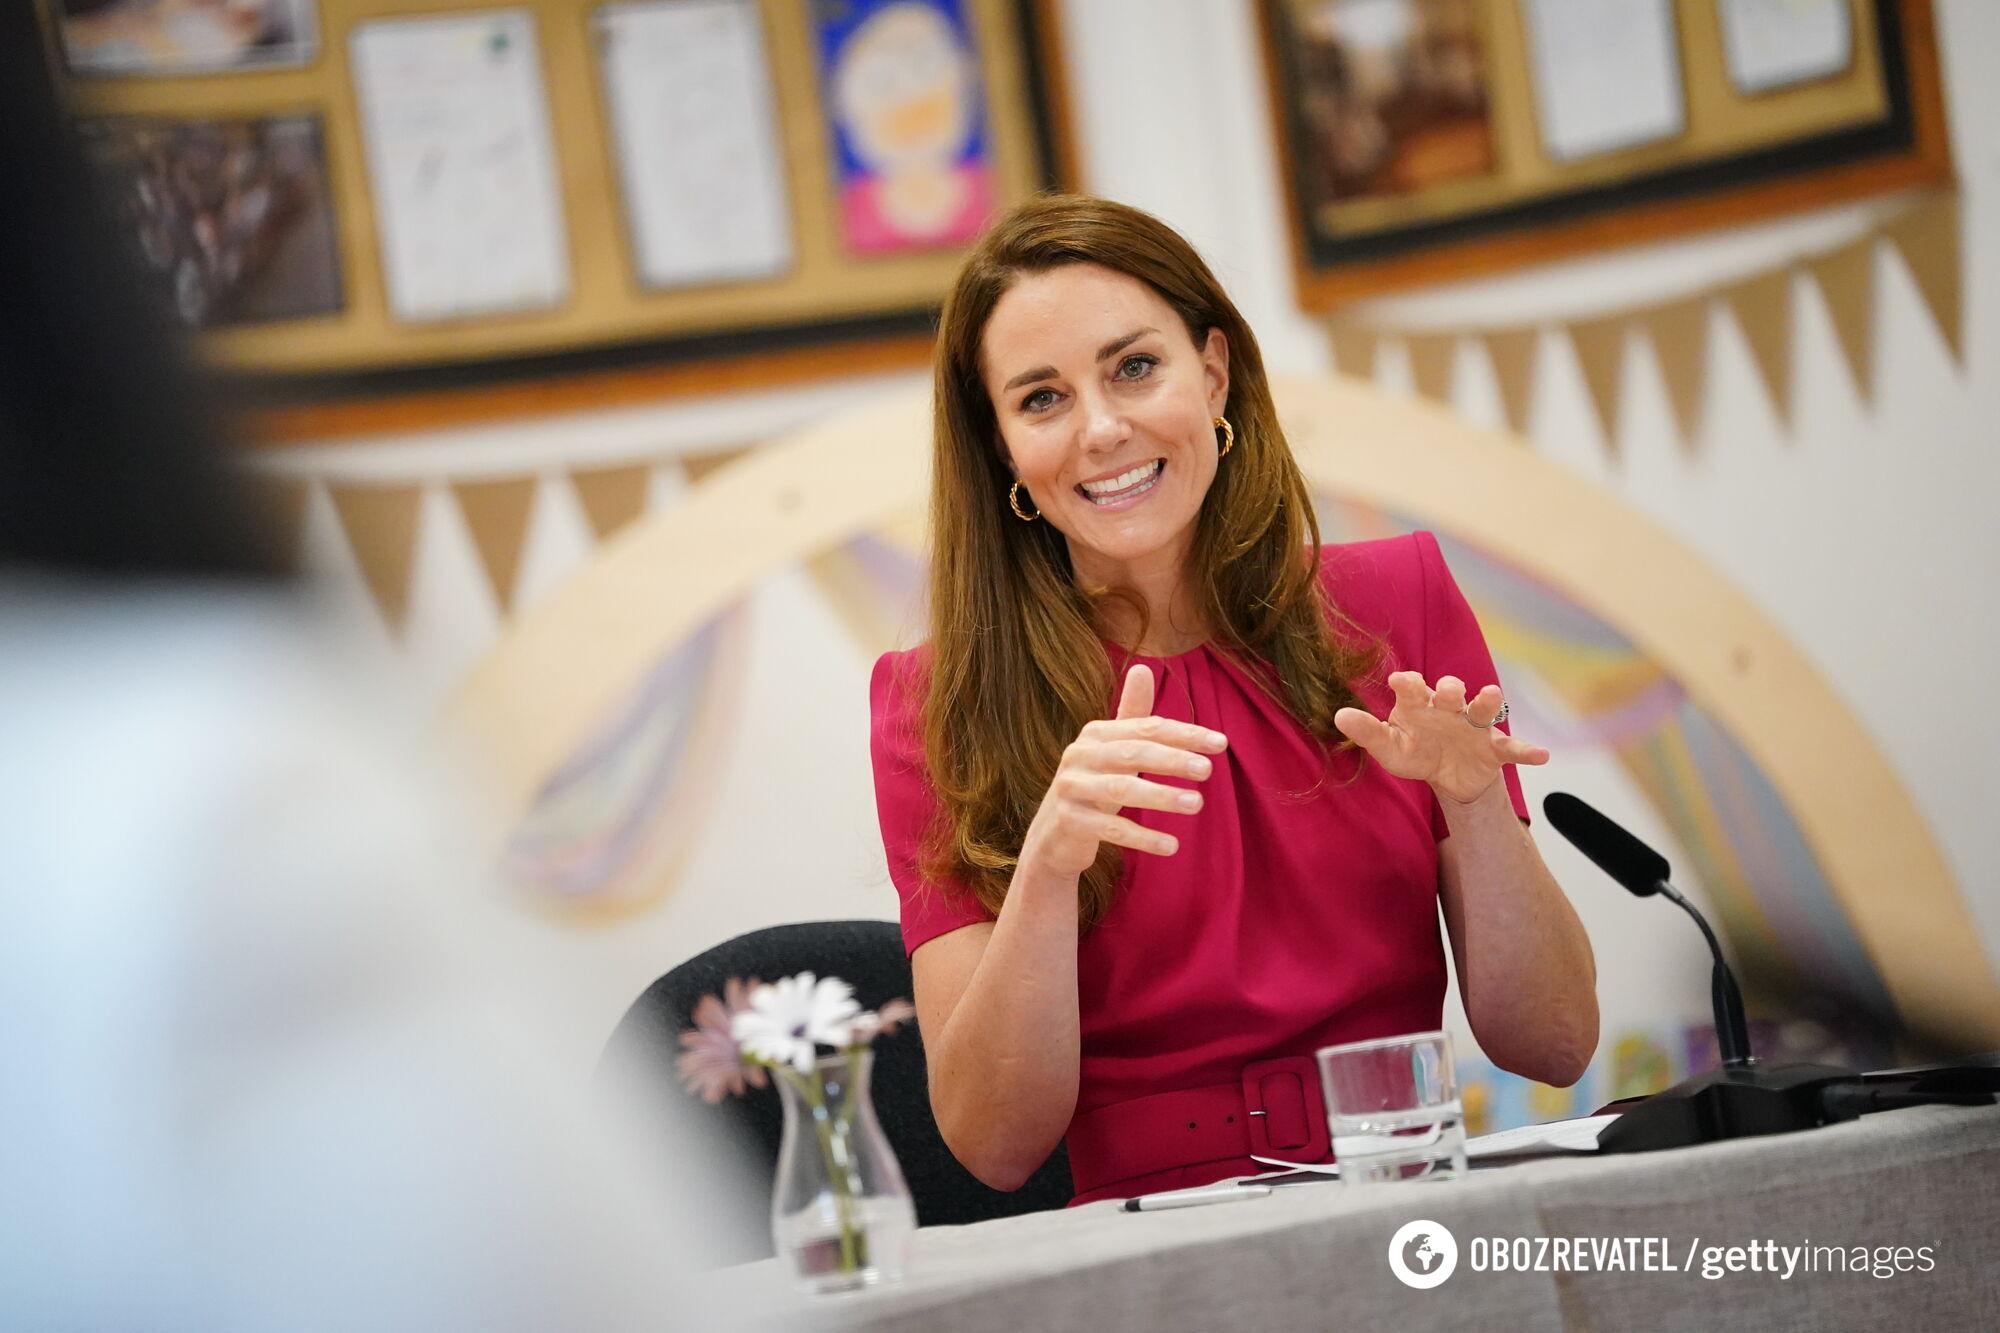 Герцогиня Кембриджская Кейт Миддлтон